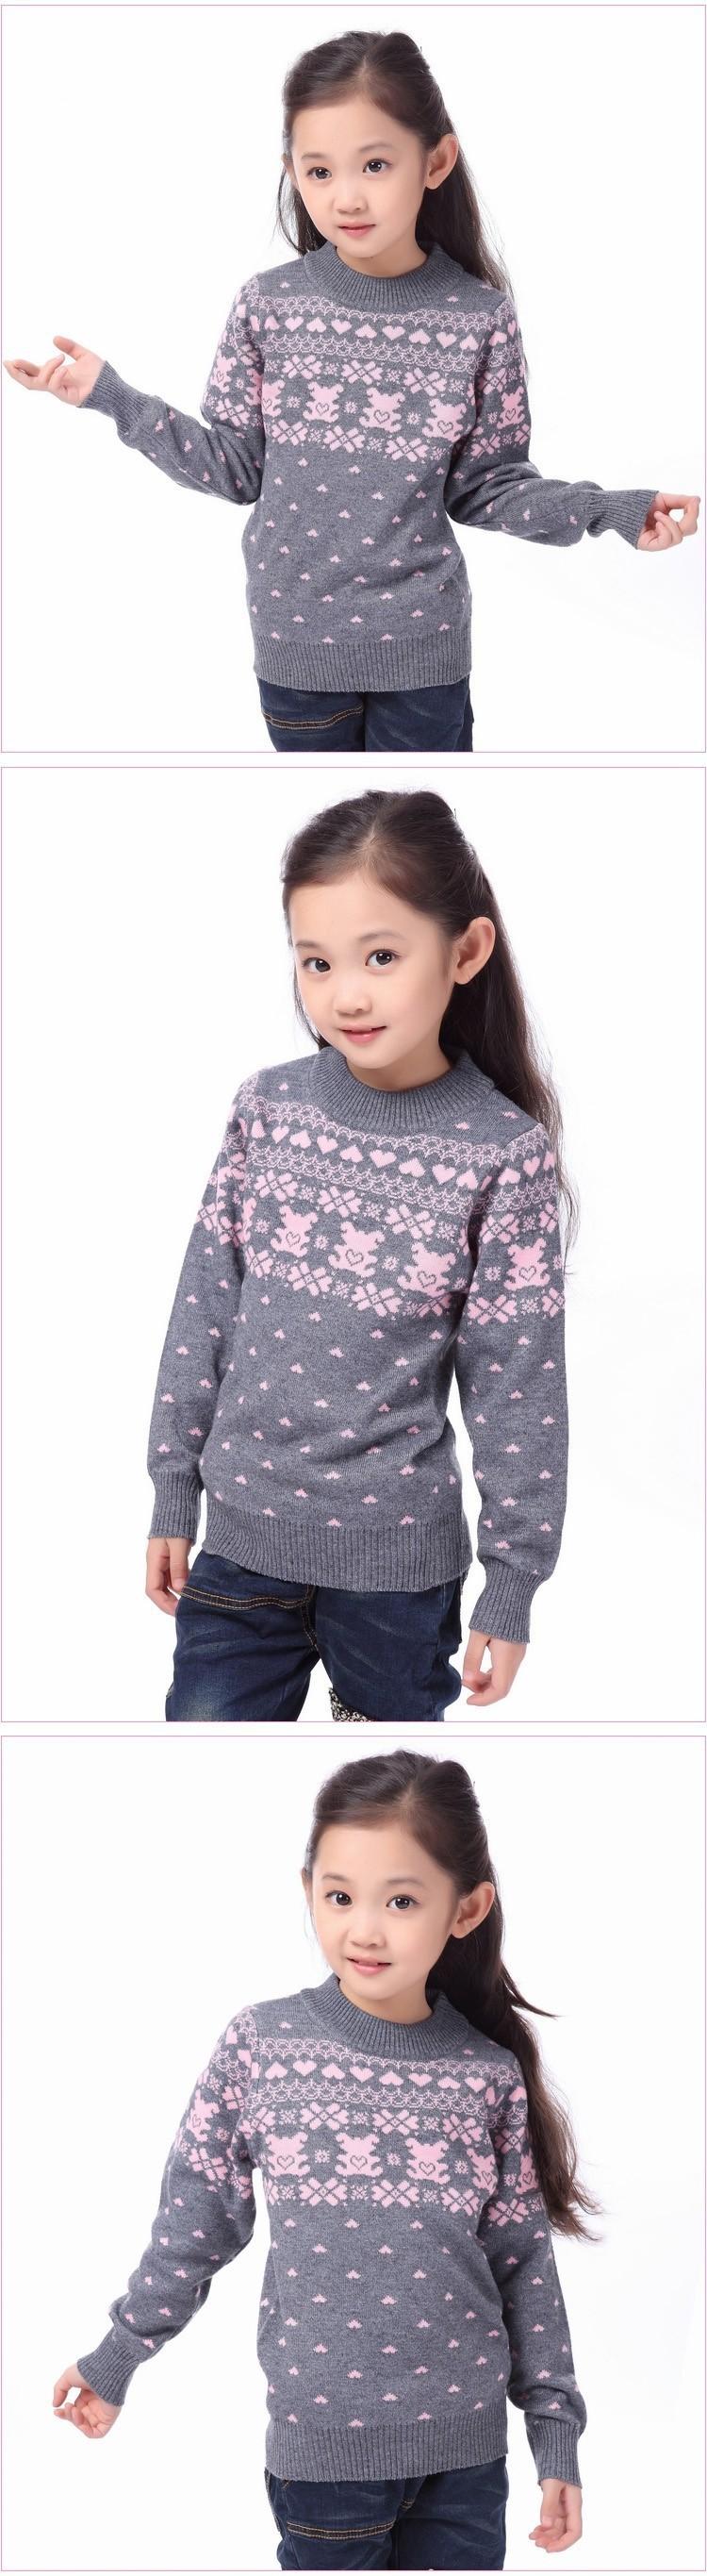 girl sweater-5